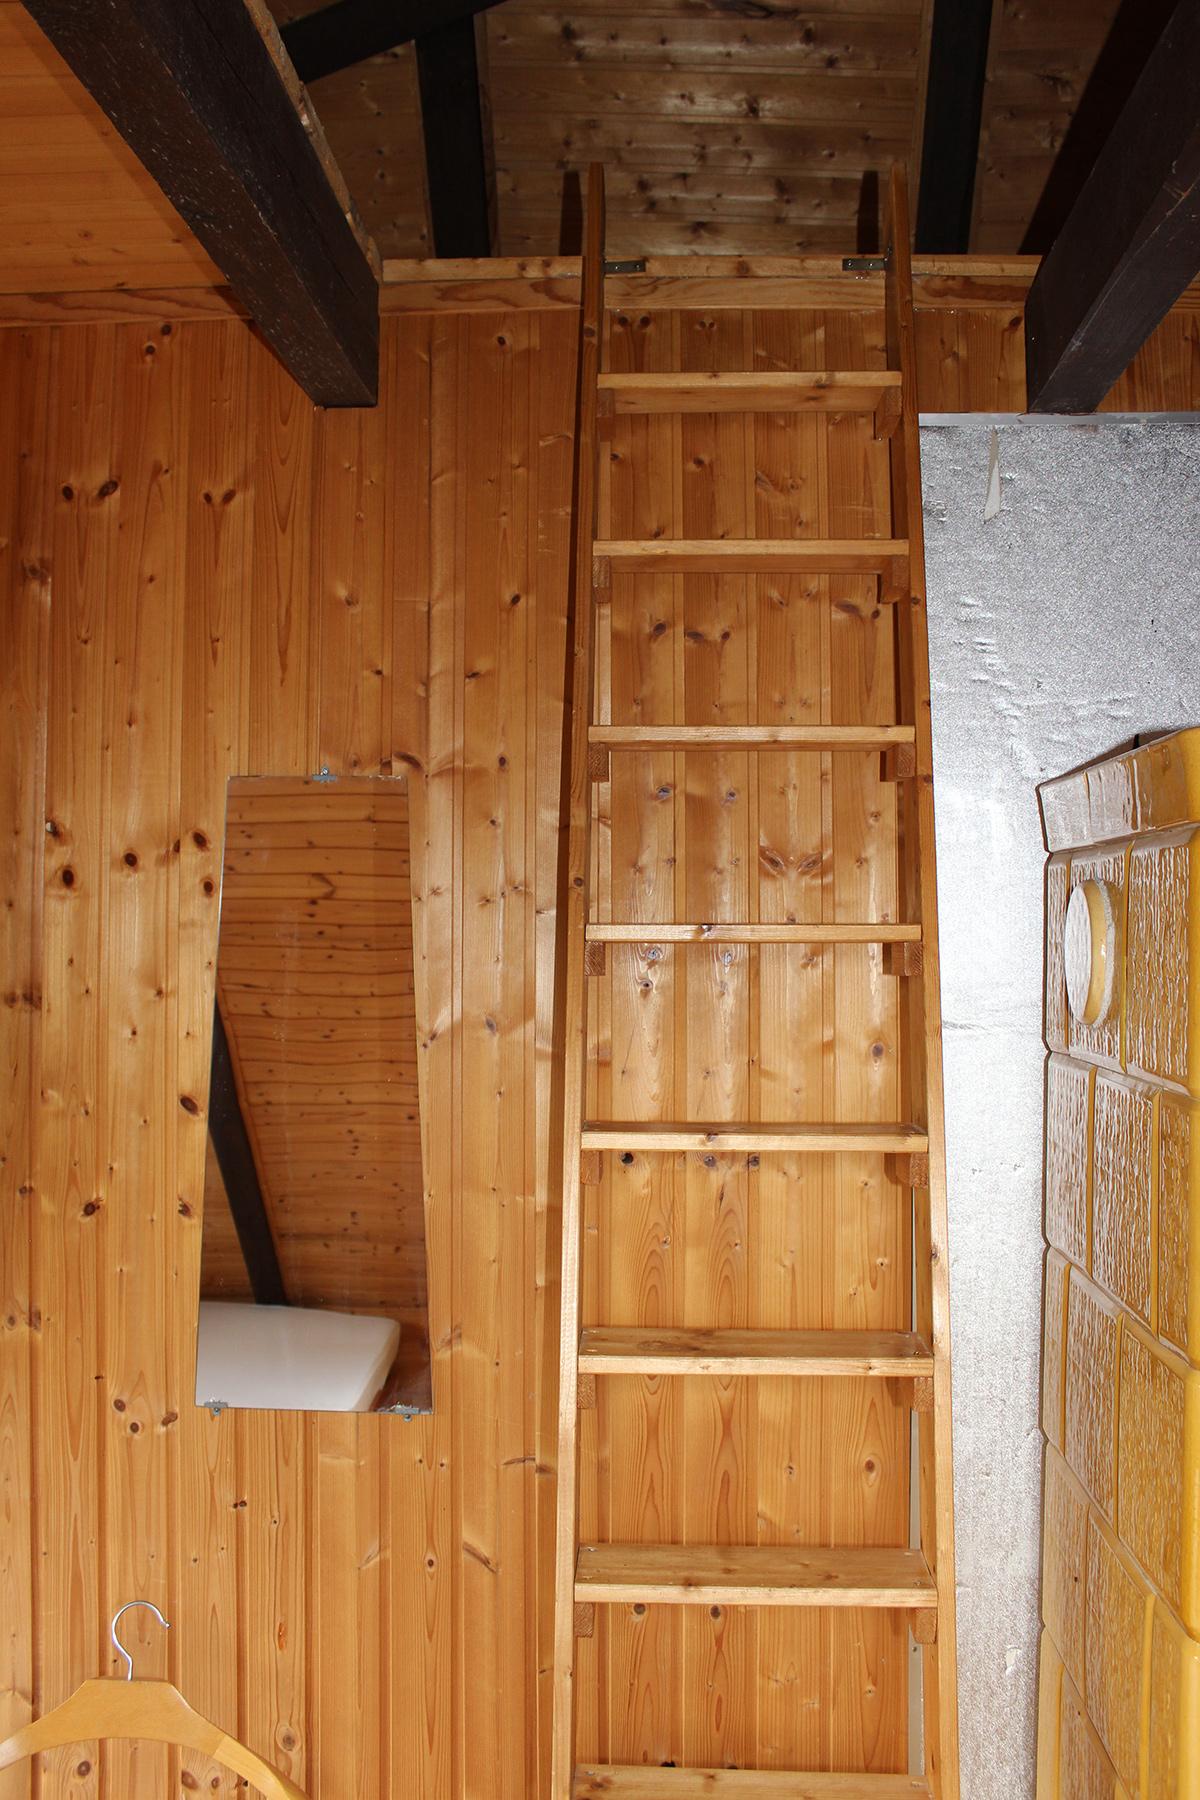 Ferienhaus-Uckermark Schlafzimmer links im Obergeschoss Aufgang zum Schlafboden für Kinder Urlaub im Boitzenburger Land schon ab 29,- Euro pro Tag